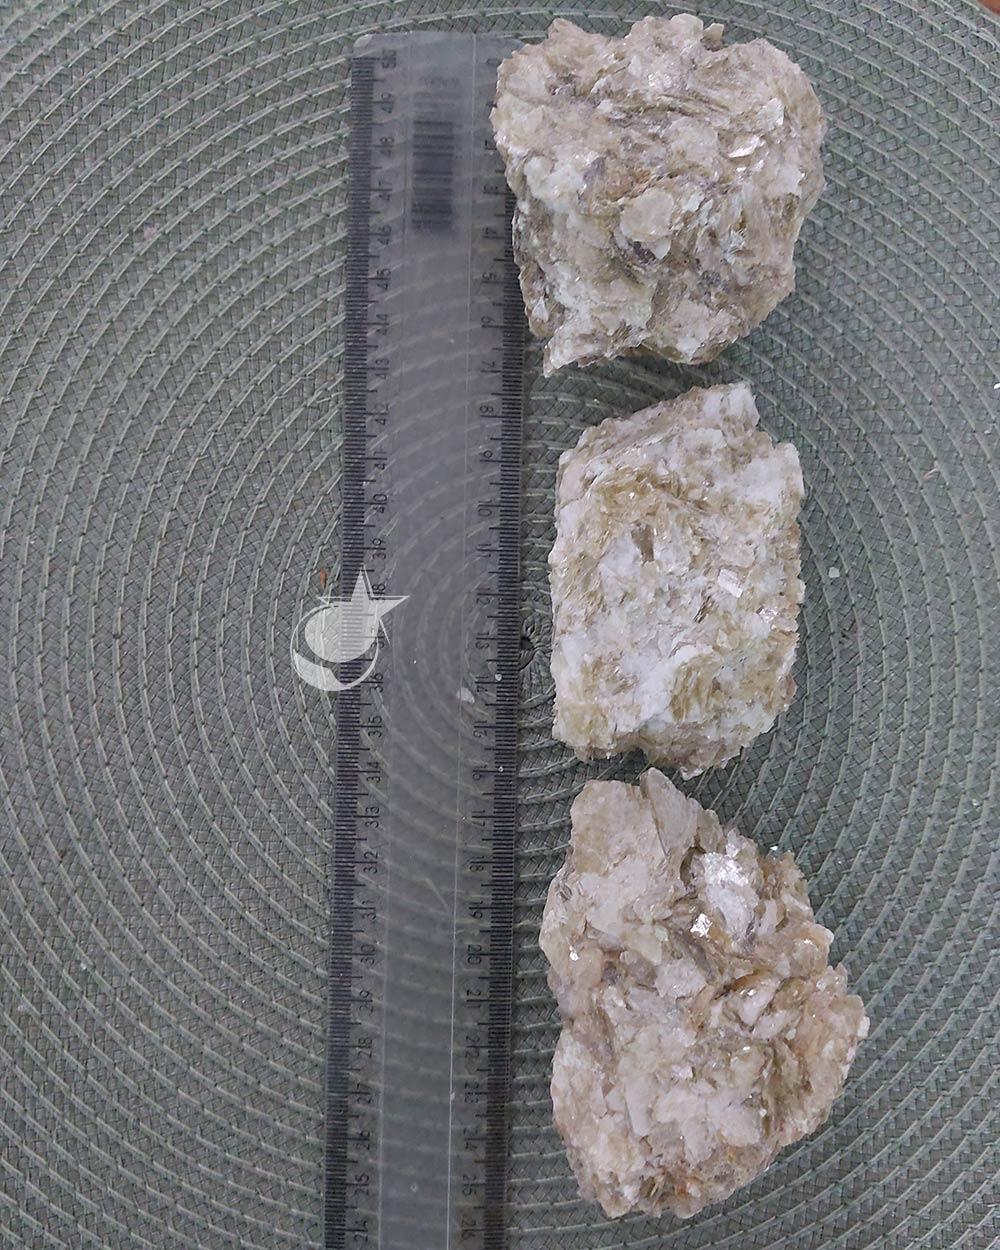 MICA AMARELA BRUTA - UNIDADE - 8 a 10 cm (230  a 280g)